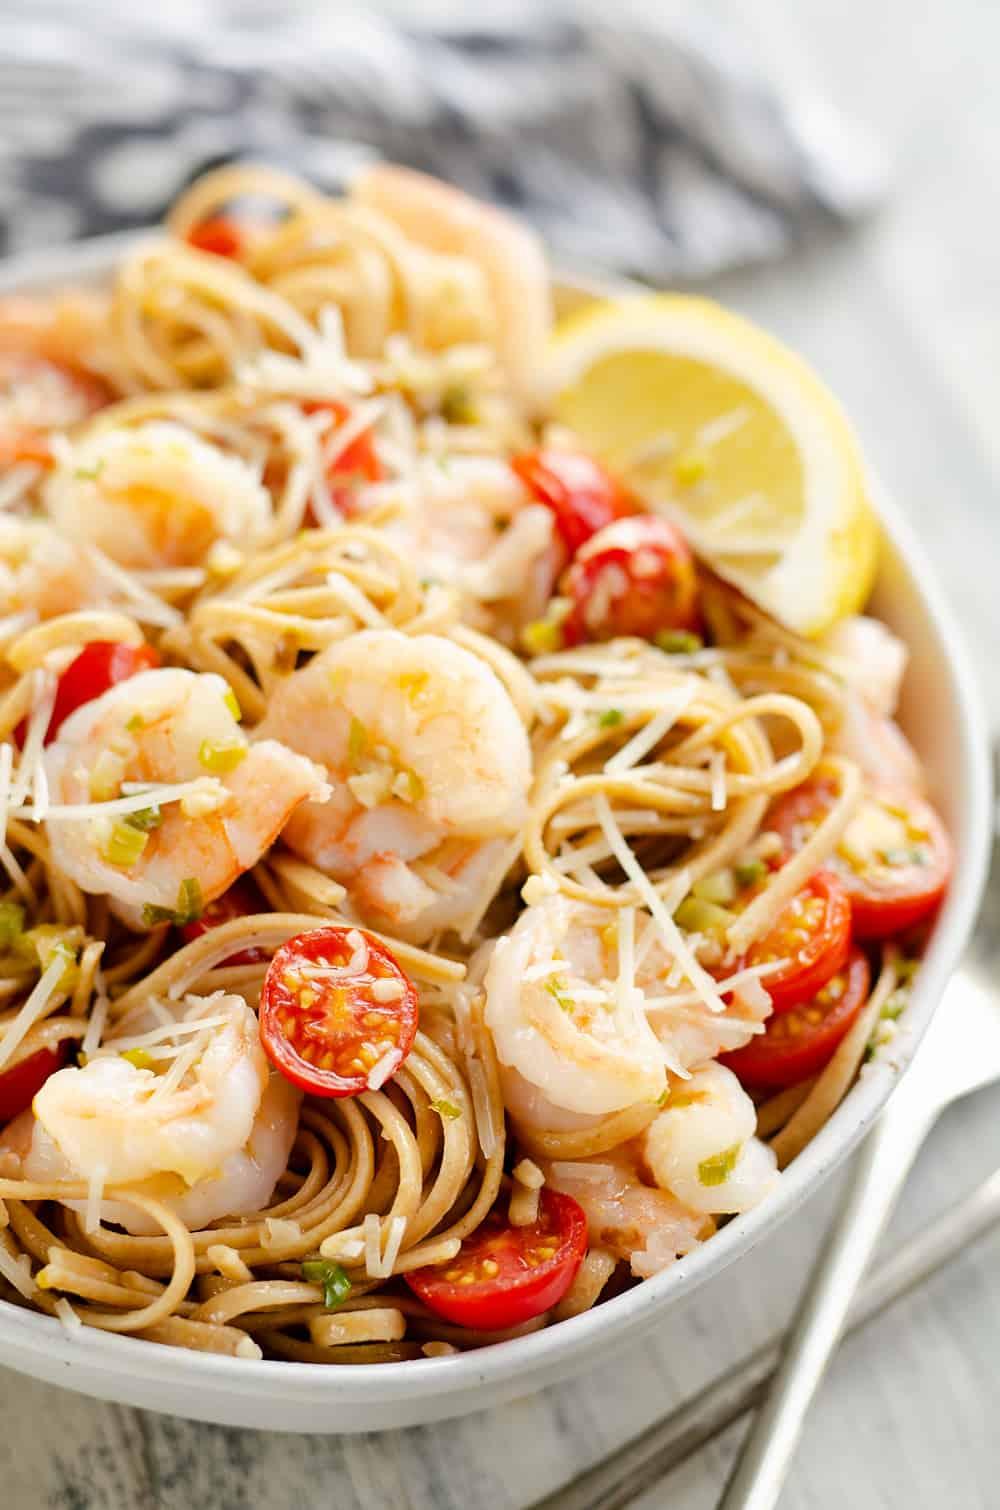 Parmesan Lemon Shrimp Linguine in serving bowl with utensils